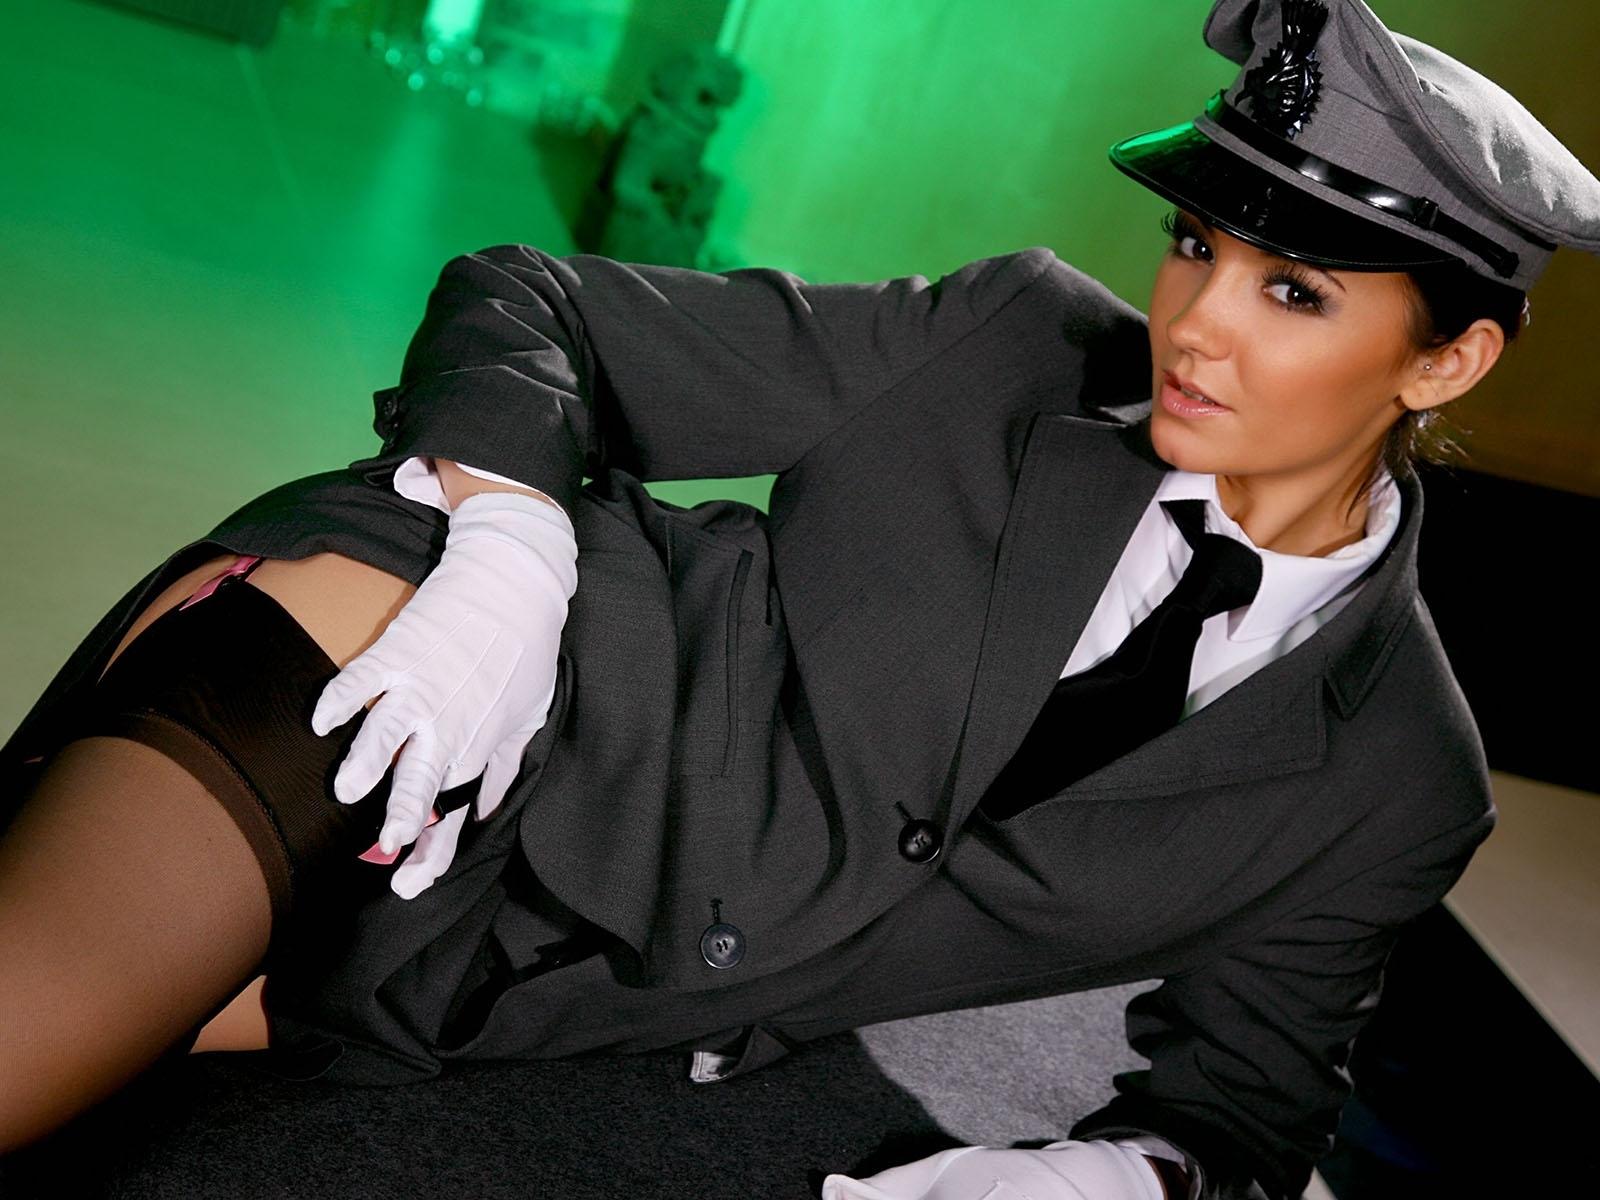 Секси девушки в форме военной